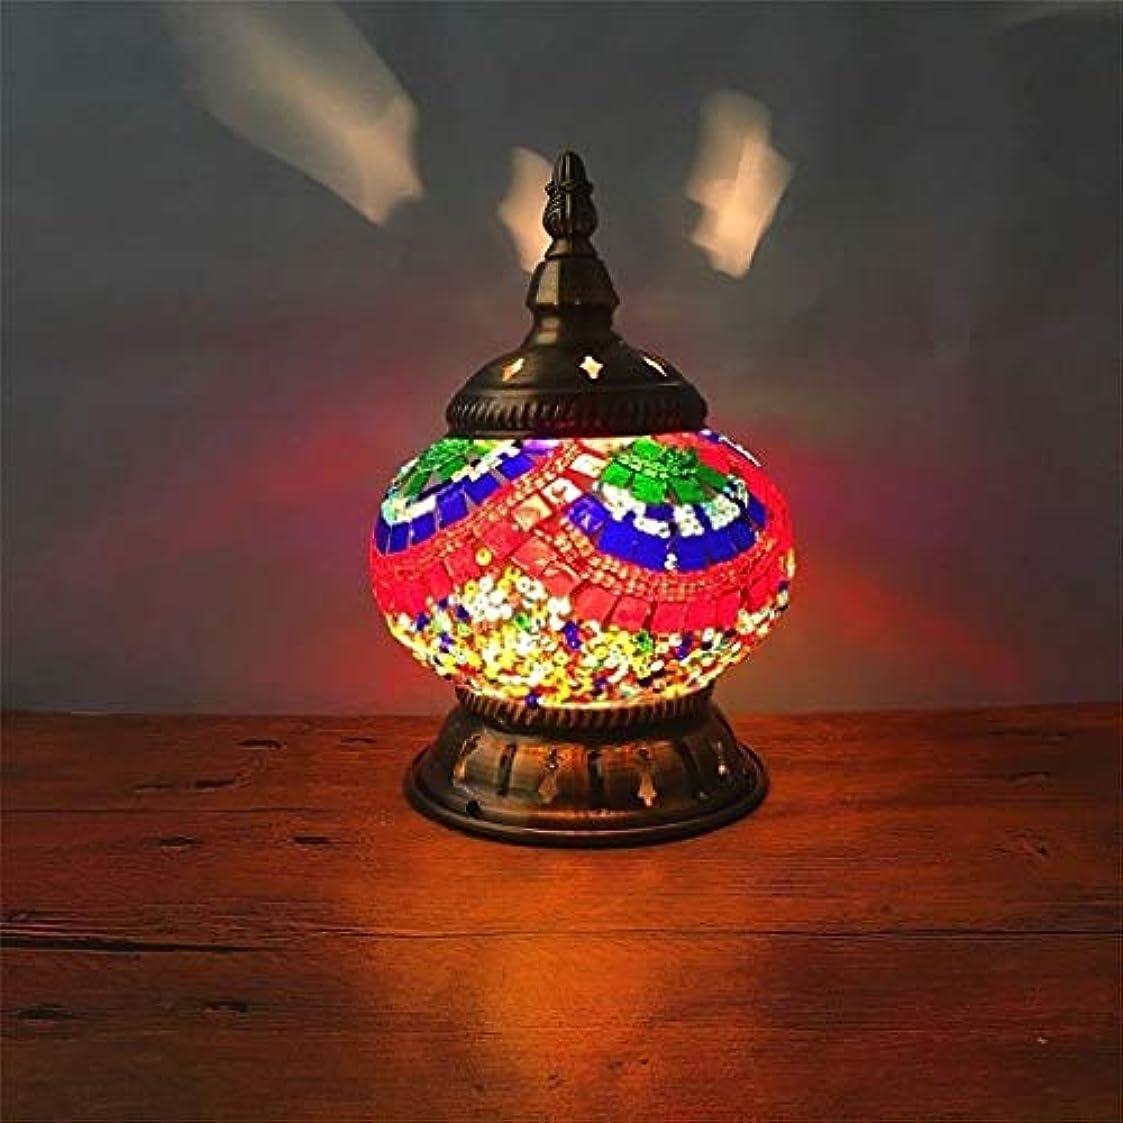 豚スズメバチ交換シロス トルコのテーブルランプ、レトロな金属ディスプレイランプ屋内照明ムードランプレストランバー寝室リビングルーム (Color : S)